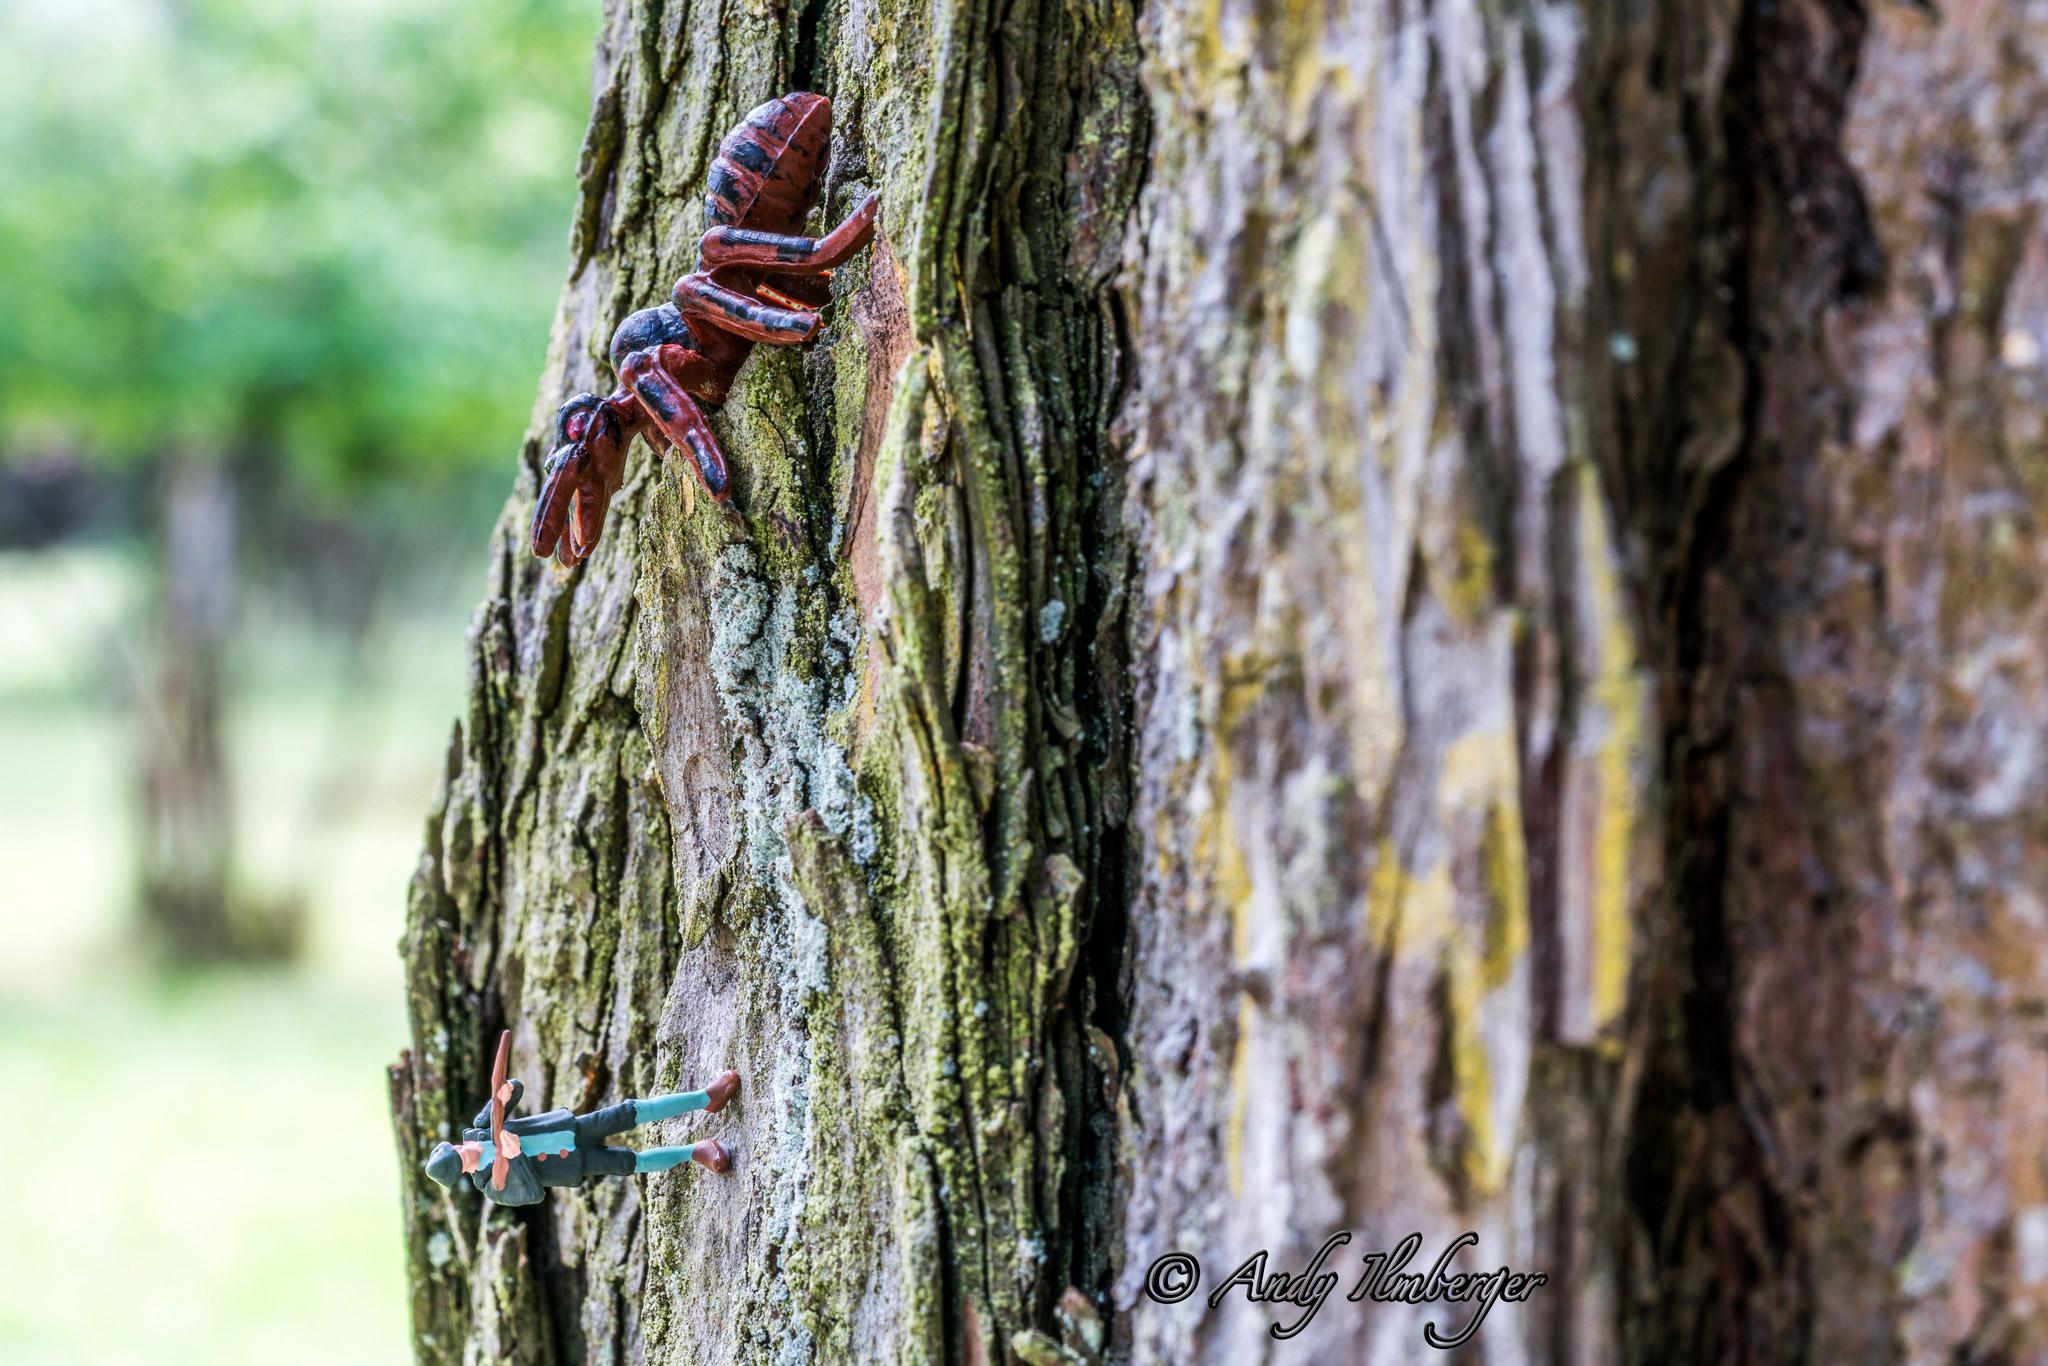 Termitenjagd - H0-Figuren in Szene gesetzt von © Andy Ilmberger im Kleine-Helden.Club